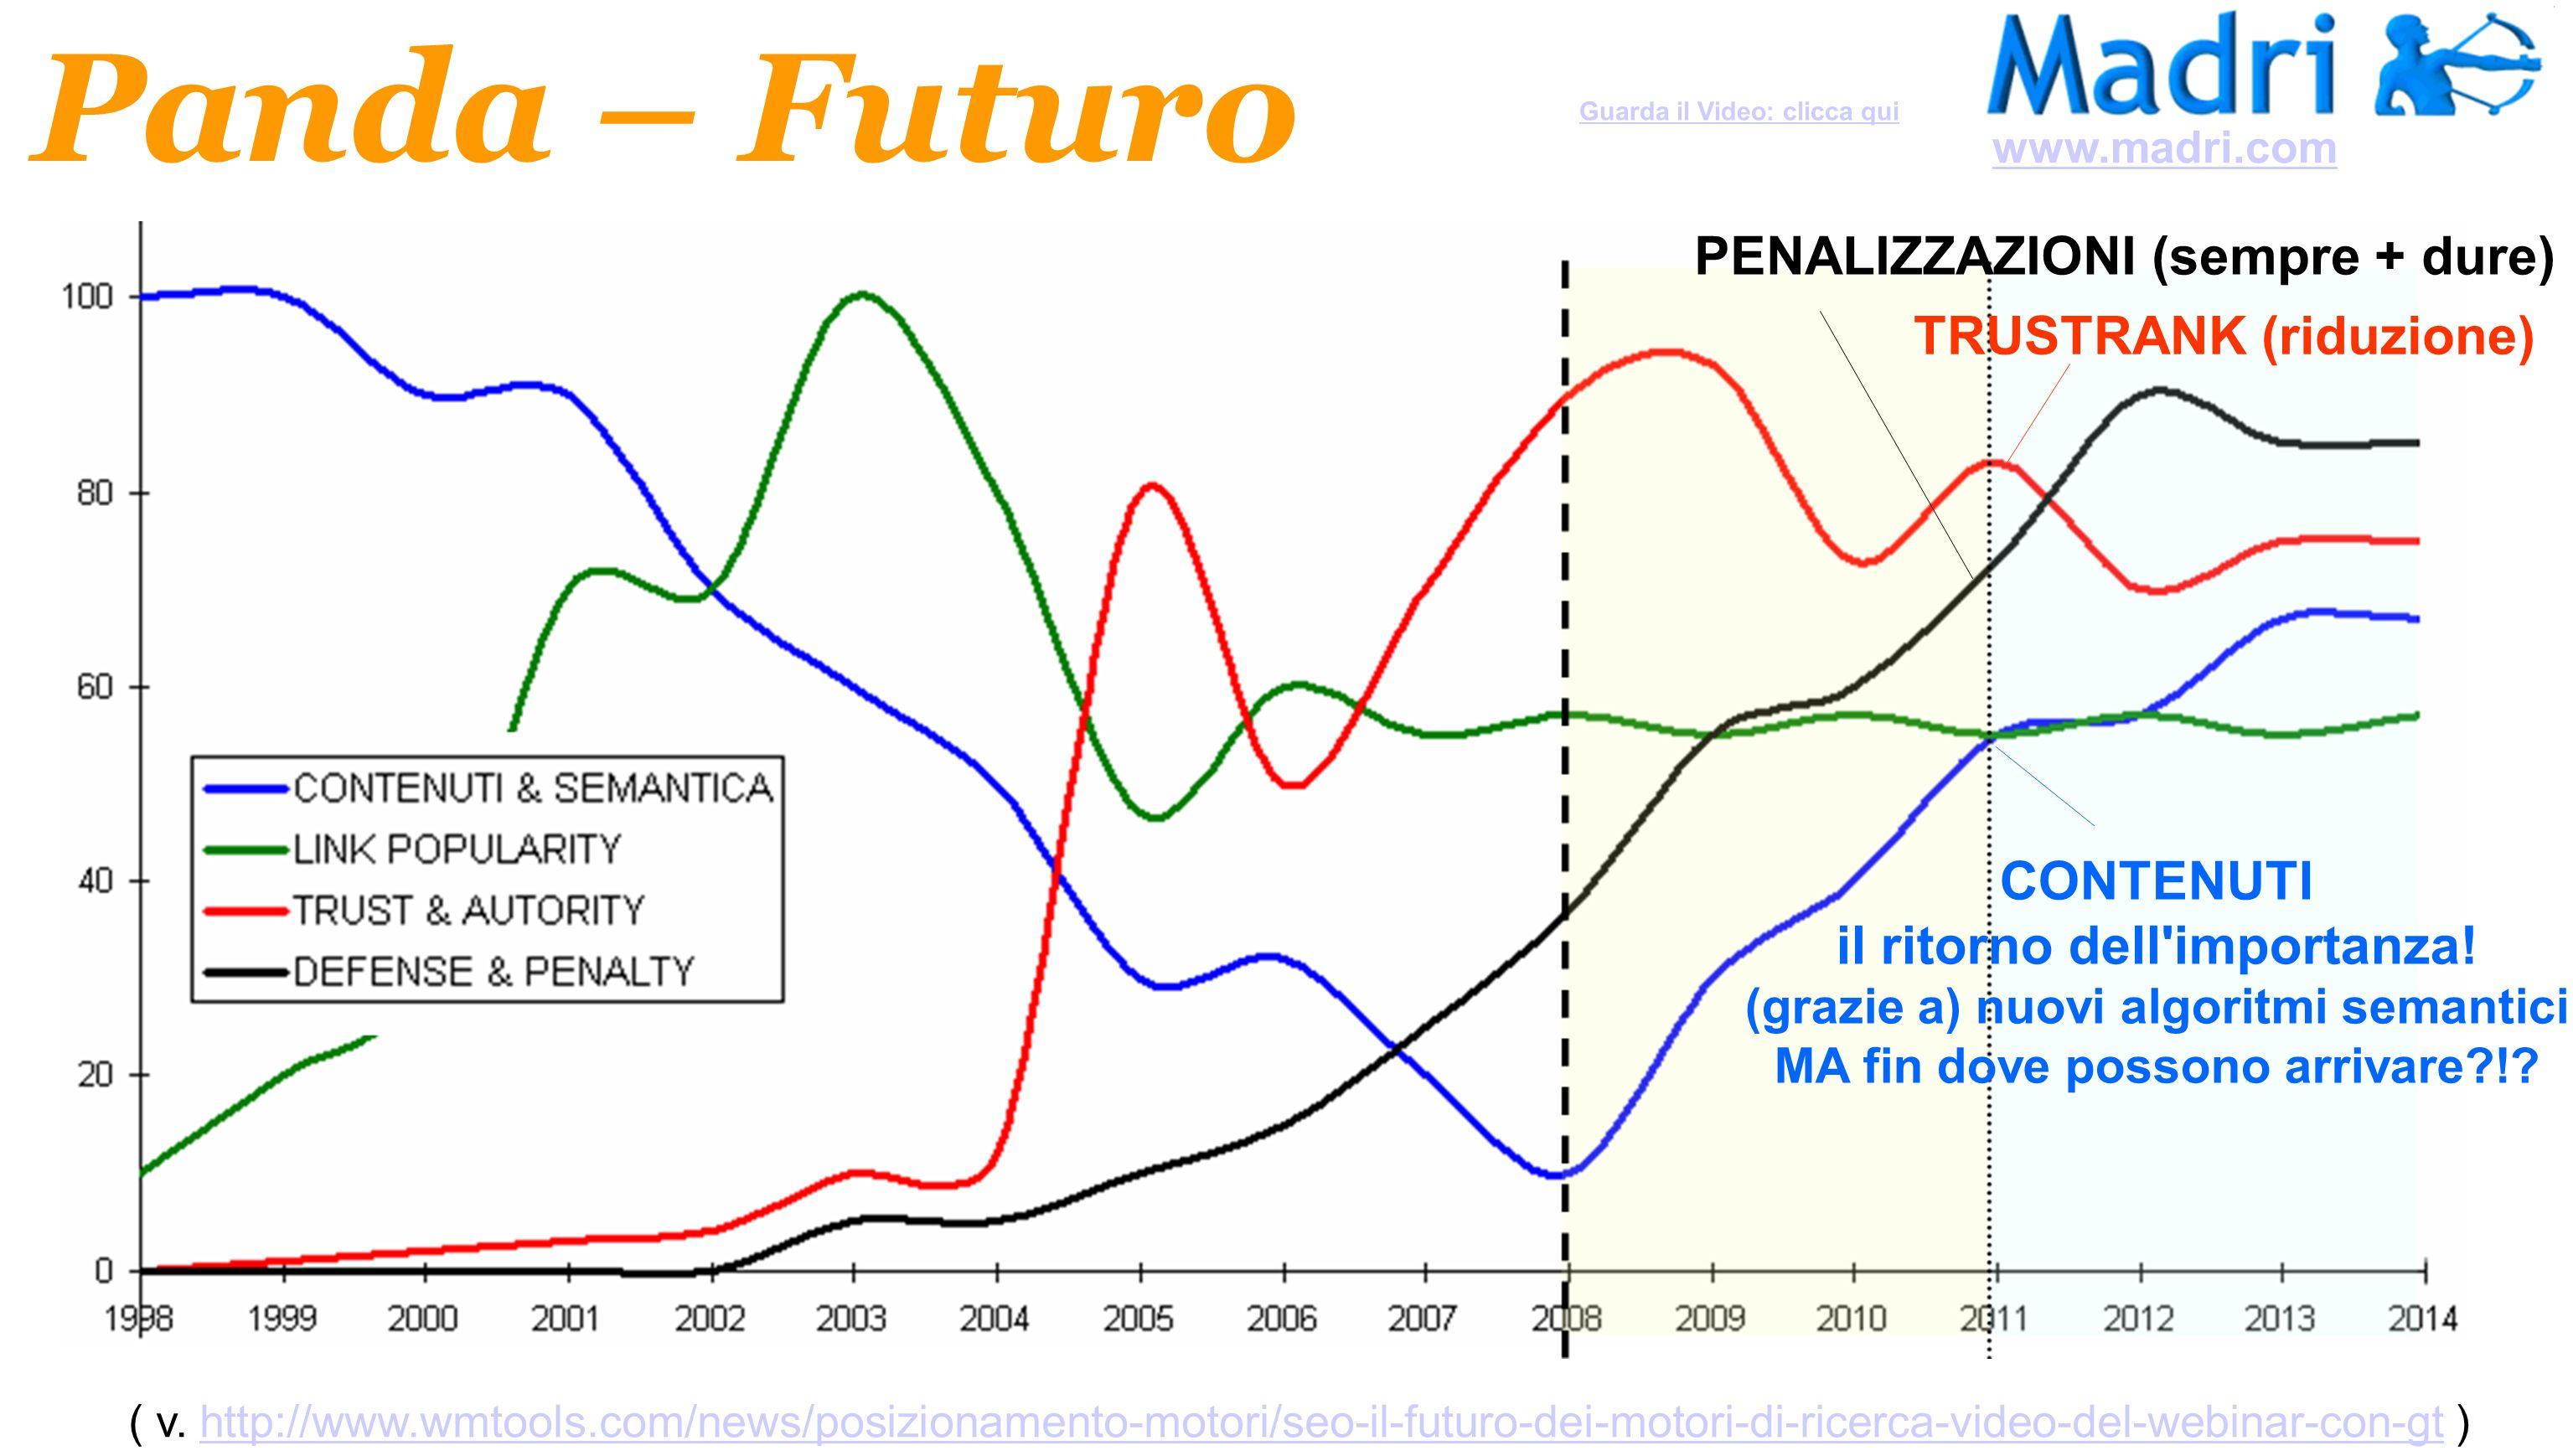 Panda – Futuro PENALIZZAZIONI (sempre + dure) TRUSTRANK (riduzione)